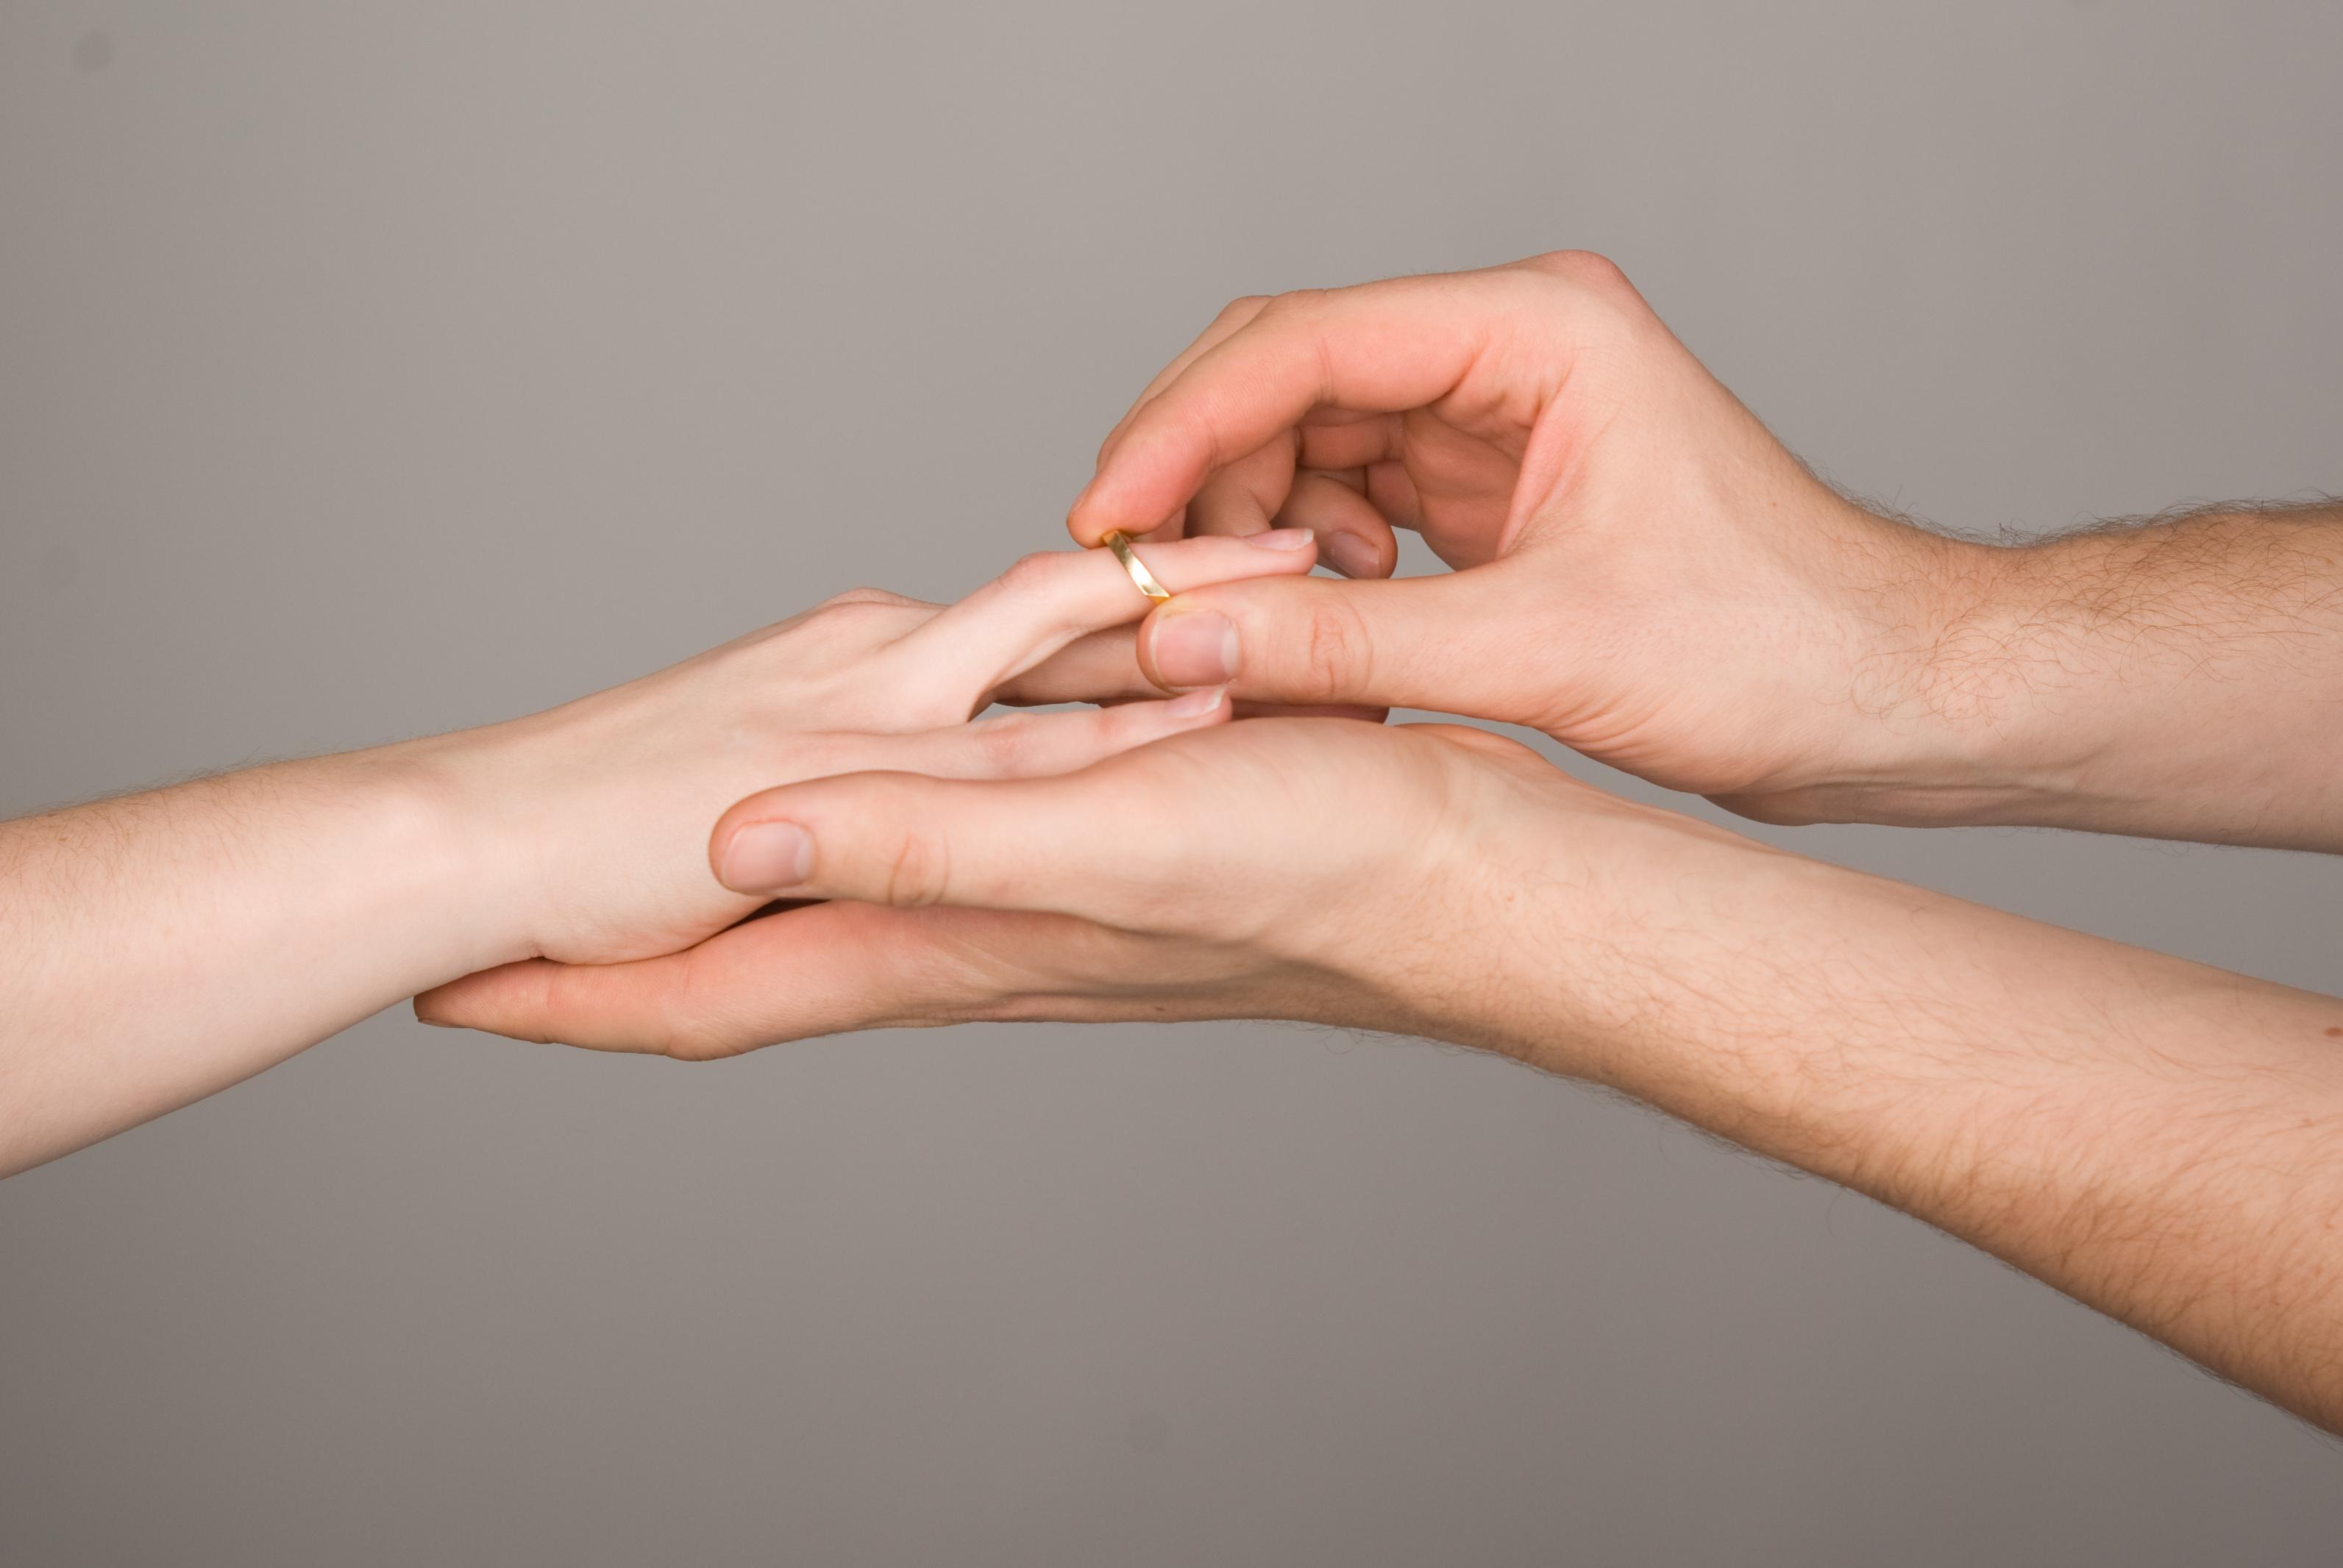 Клиника ЭКО Как забеременеть с миомой: опыт Клиники 76